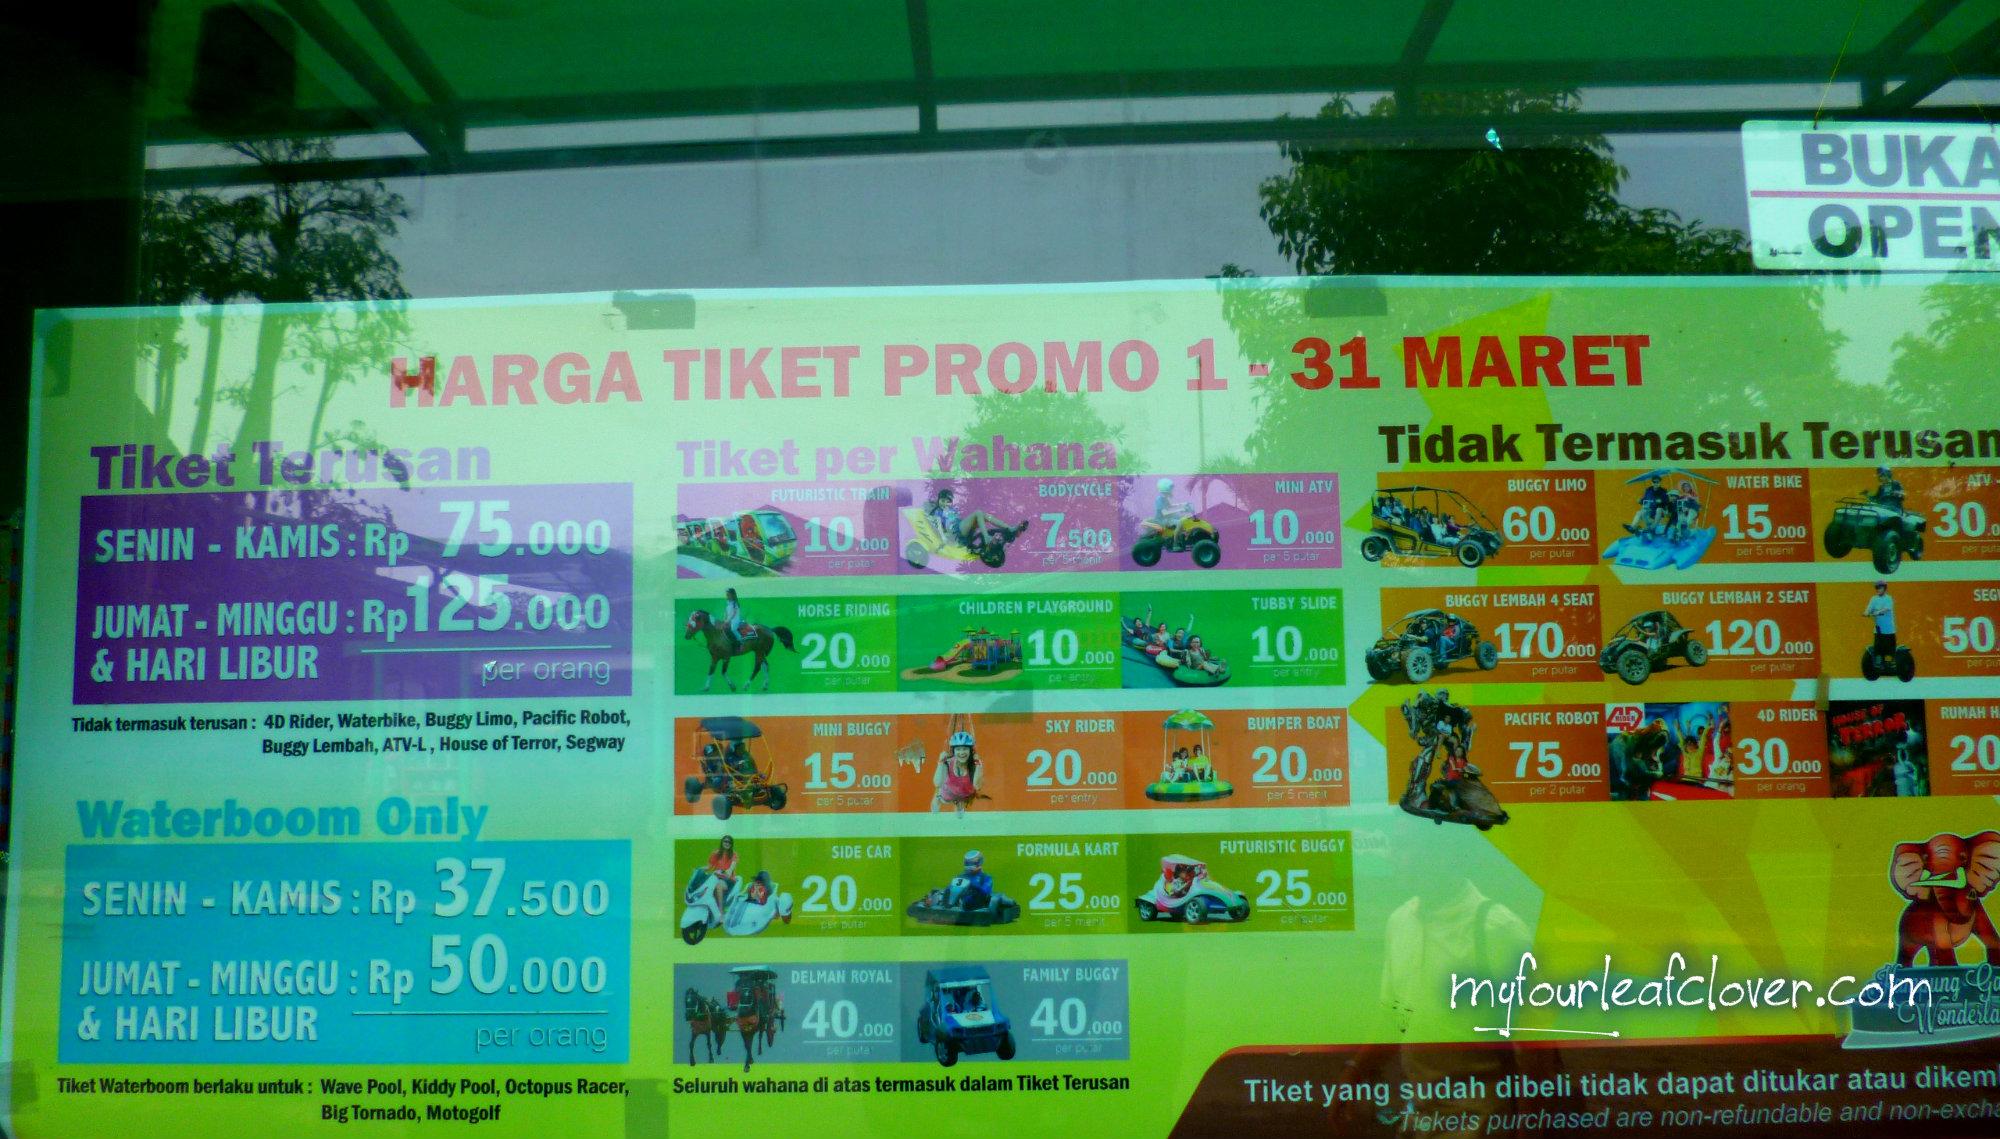 Wisatapulautidung Mei 2011 Tiket Odyssey Submarine Dewasa Bali Incl Transport Paket Wisata Garut